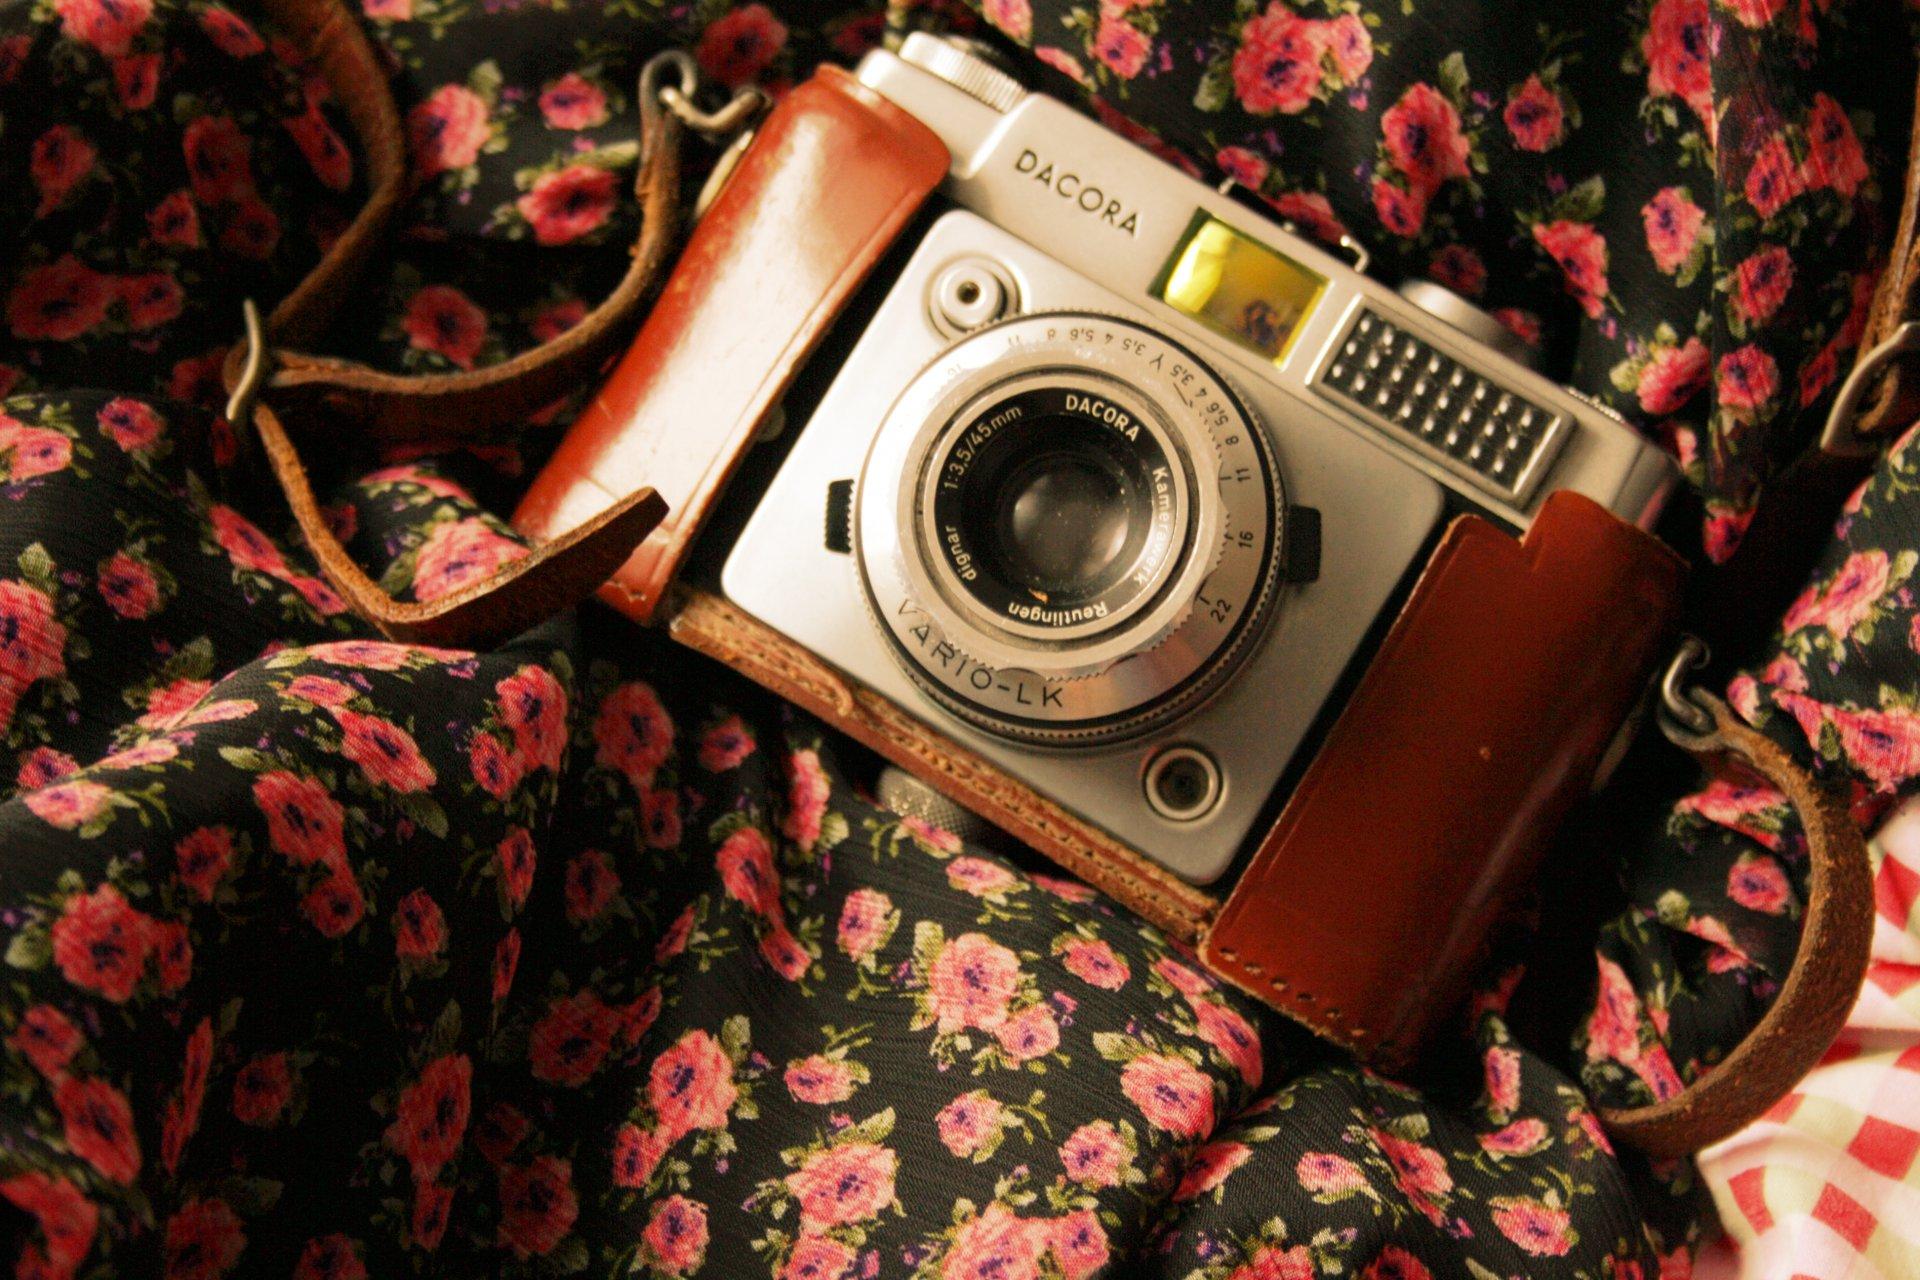 Ретро картинки с фотоаппаратом, любовные